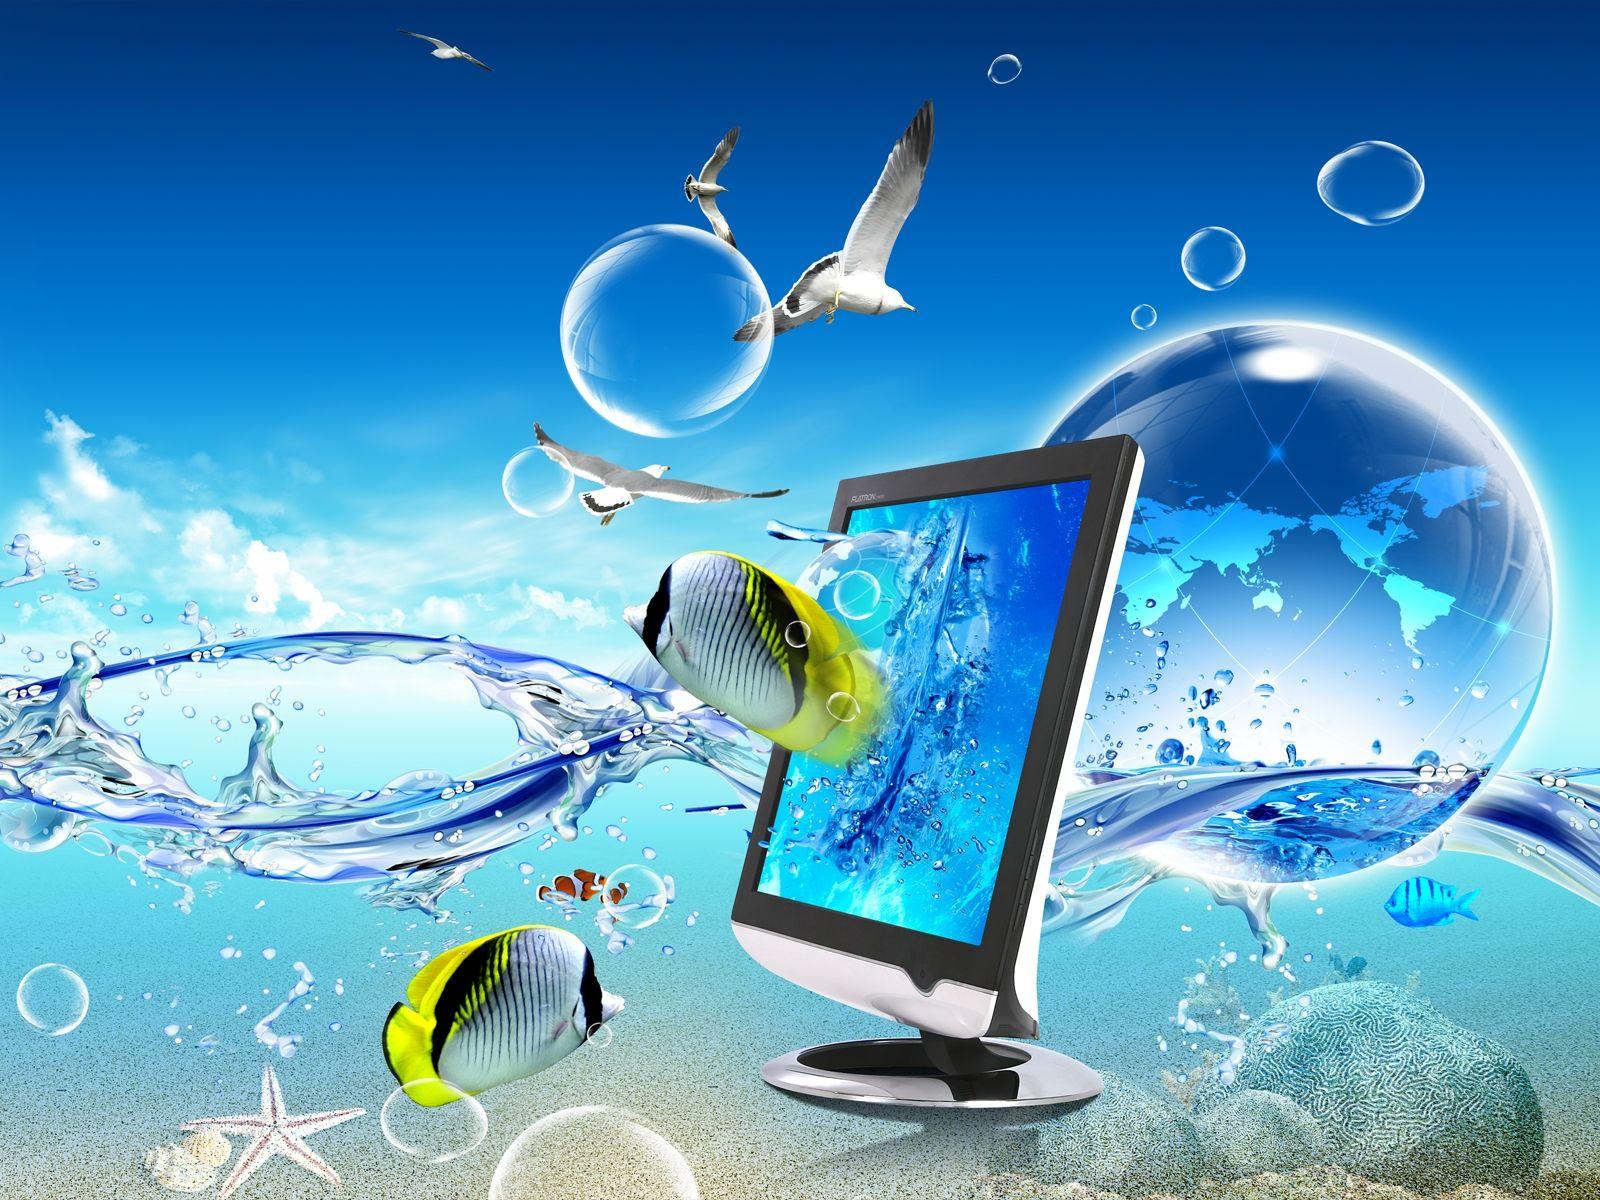 Web Developer Spokane | Spokane SEO | Serving Spokane, Medical Lake, Cheney WA, Coeur D Alene, Post falls ID | Spokane SEO and Web Developer